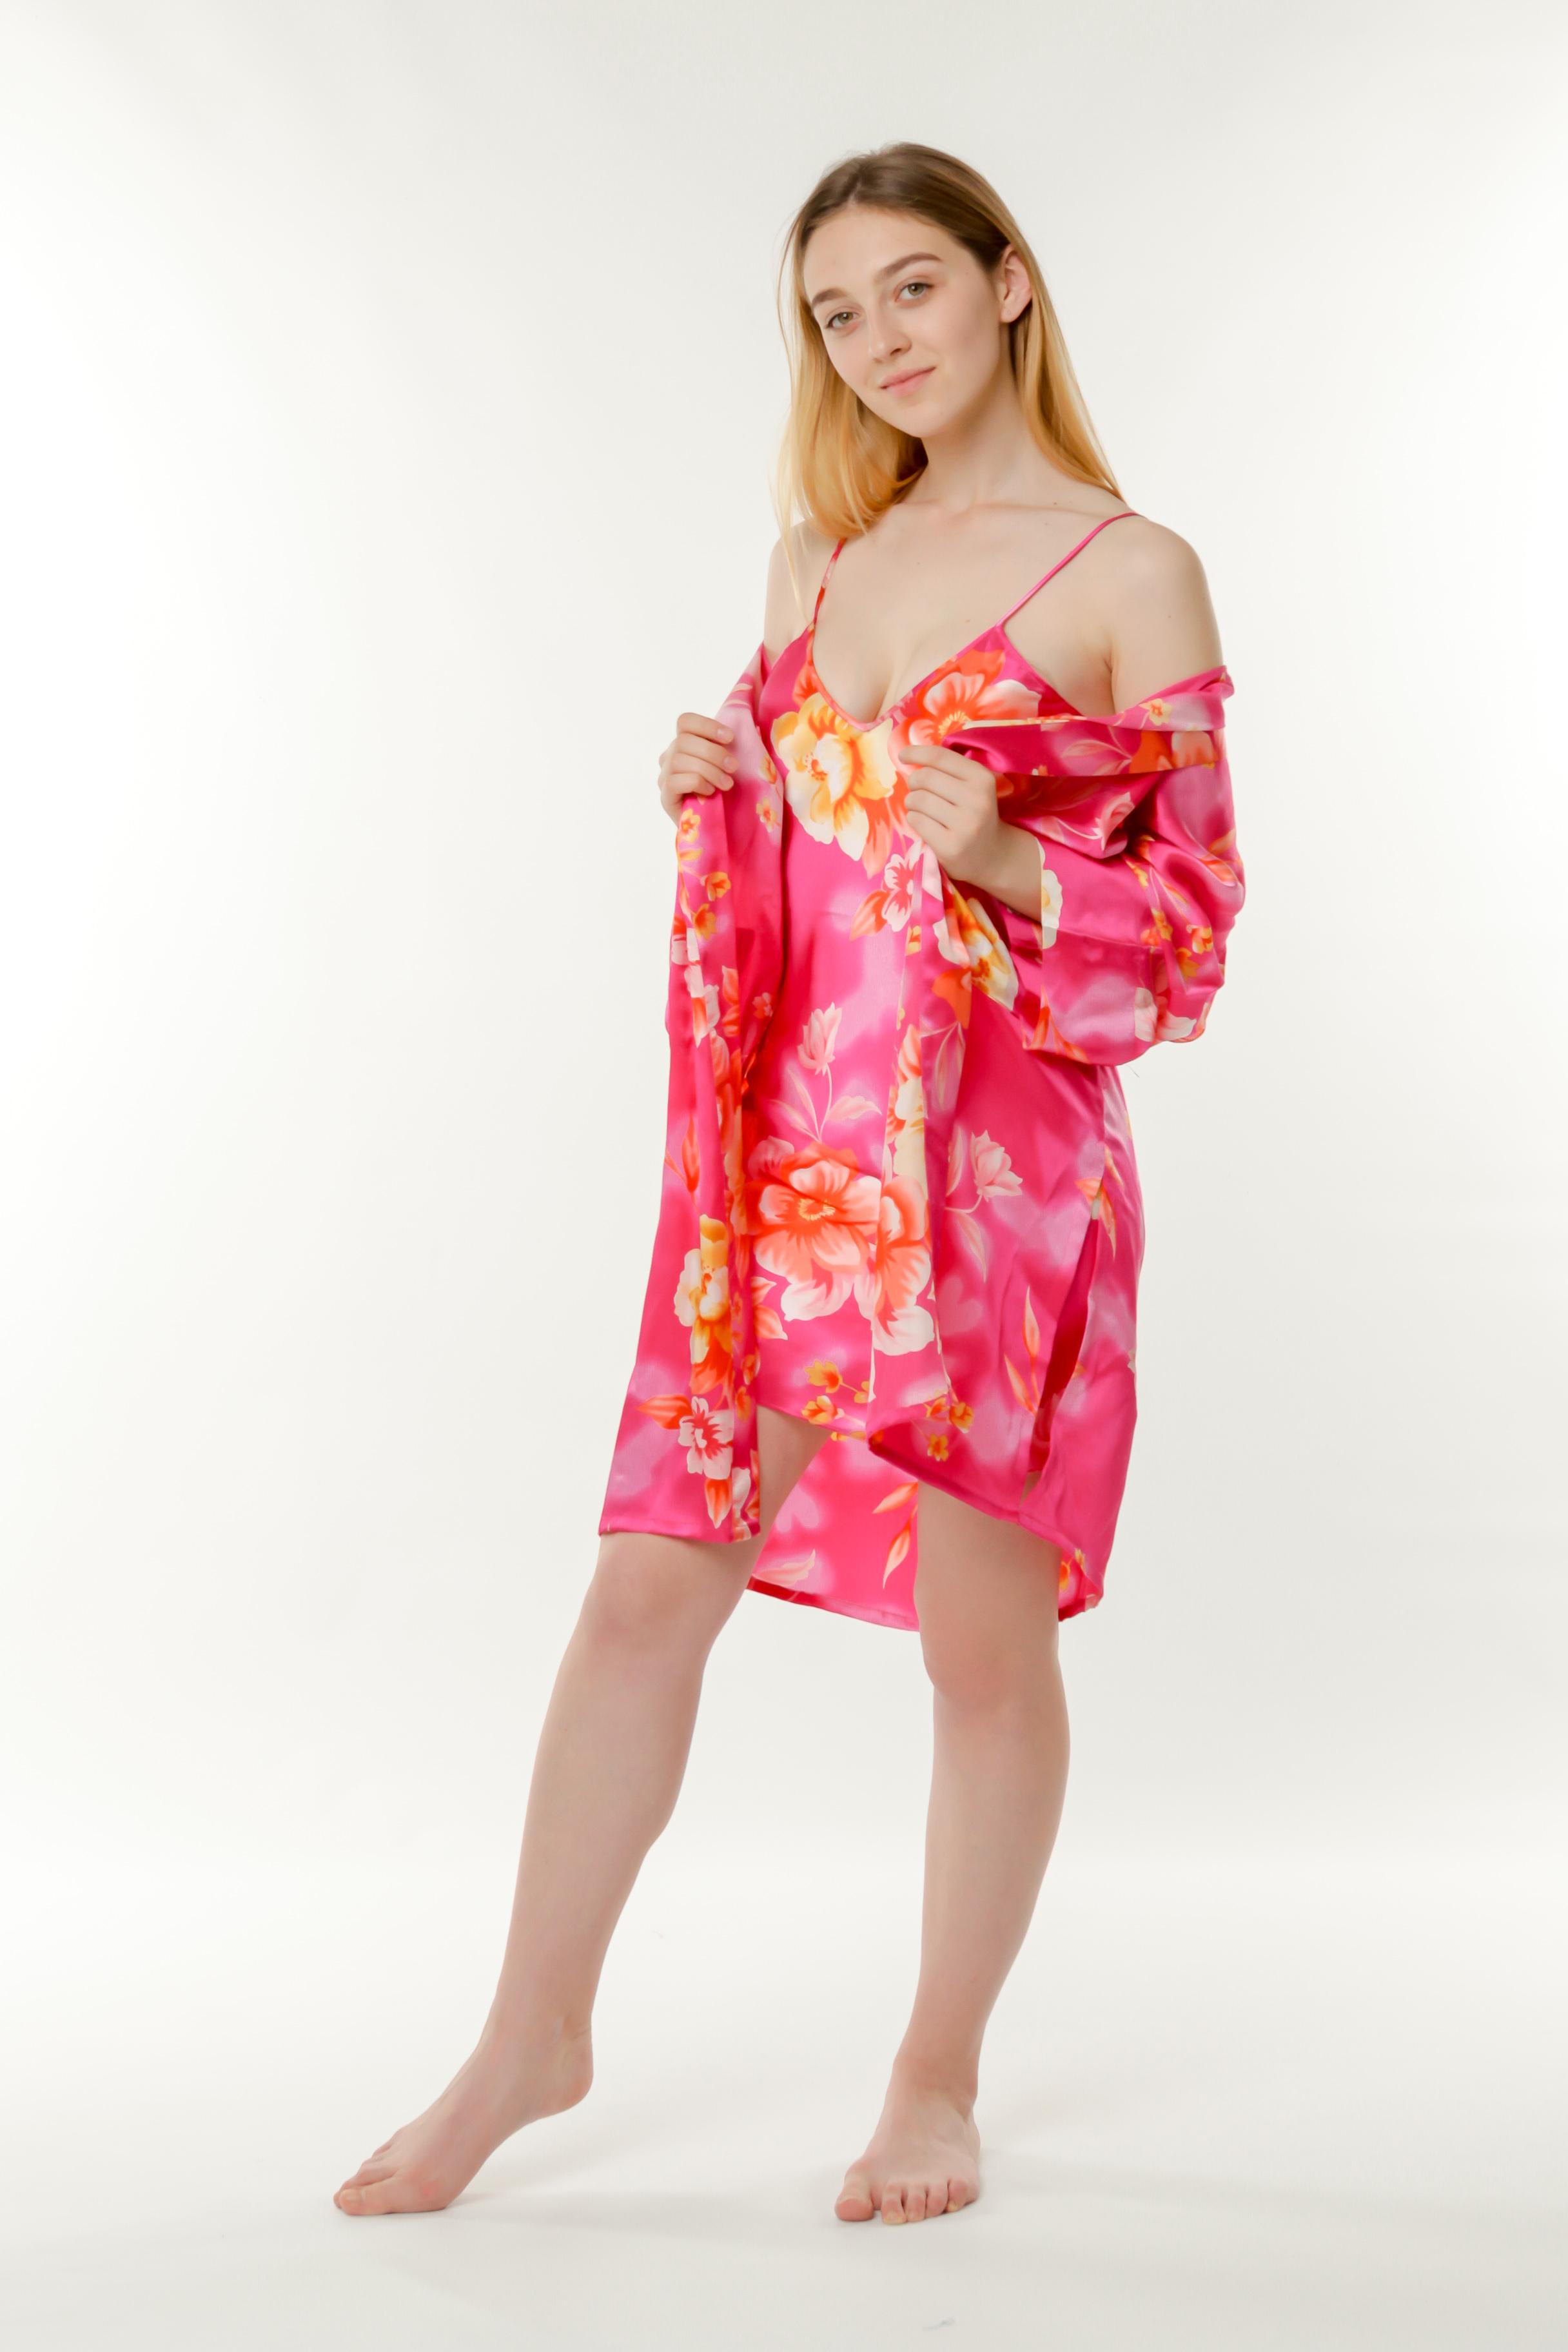 b0668dd6c8786 Купить Набор ночная сорочка и халат шелк малиновый Китай от Китай